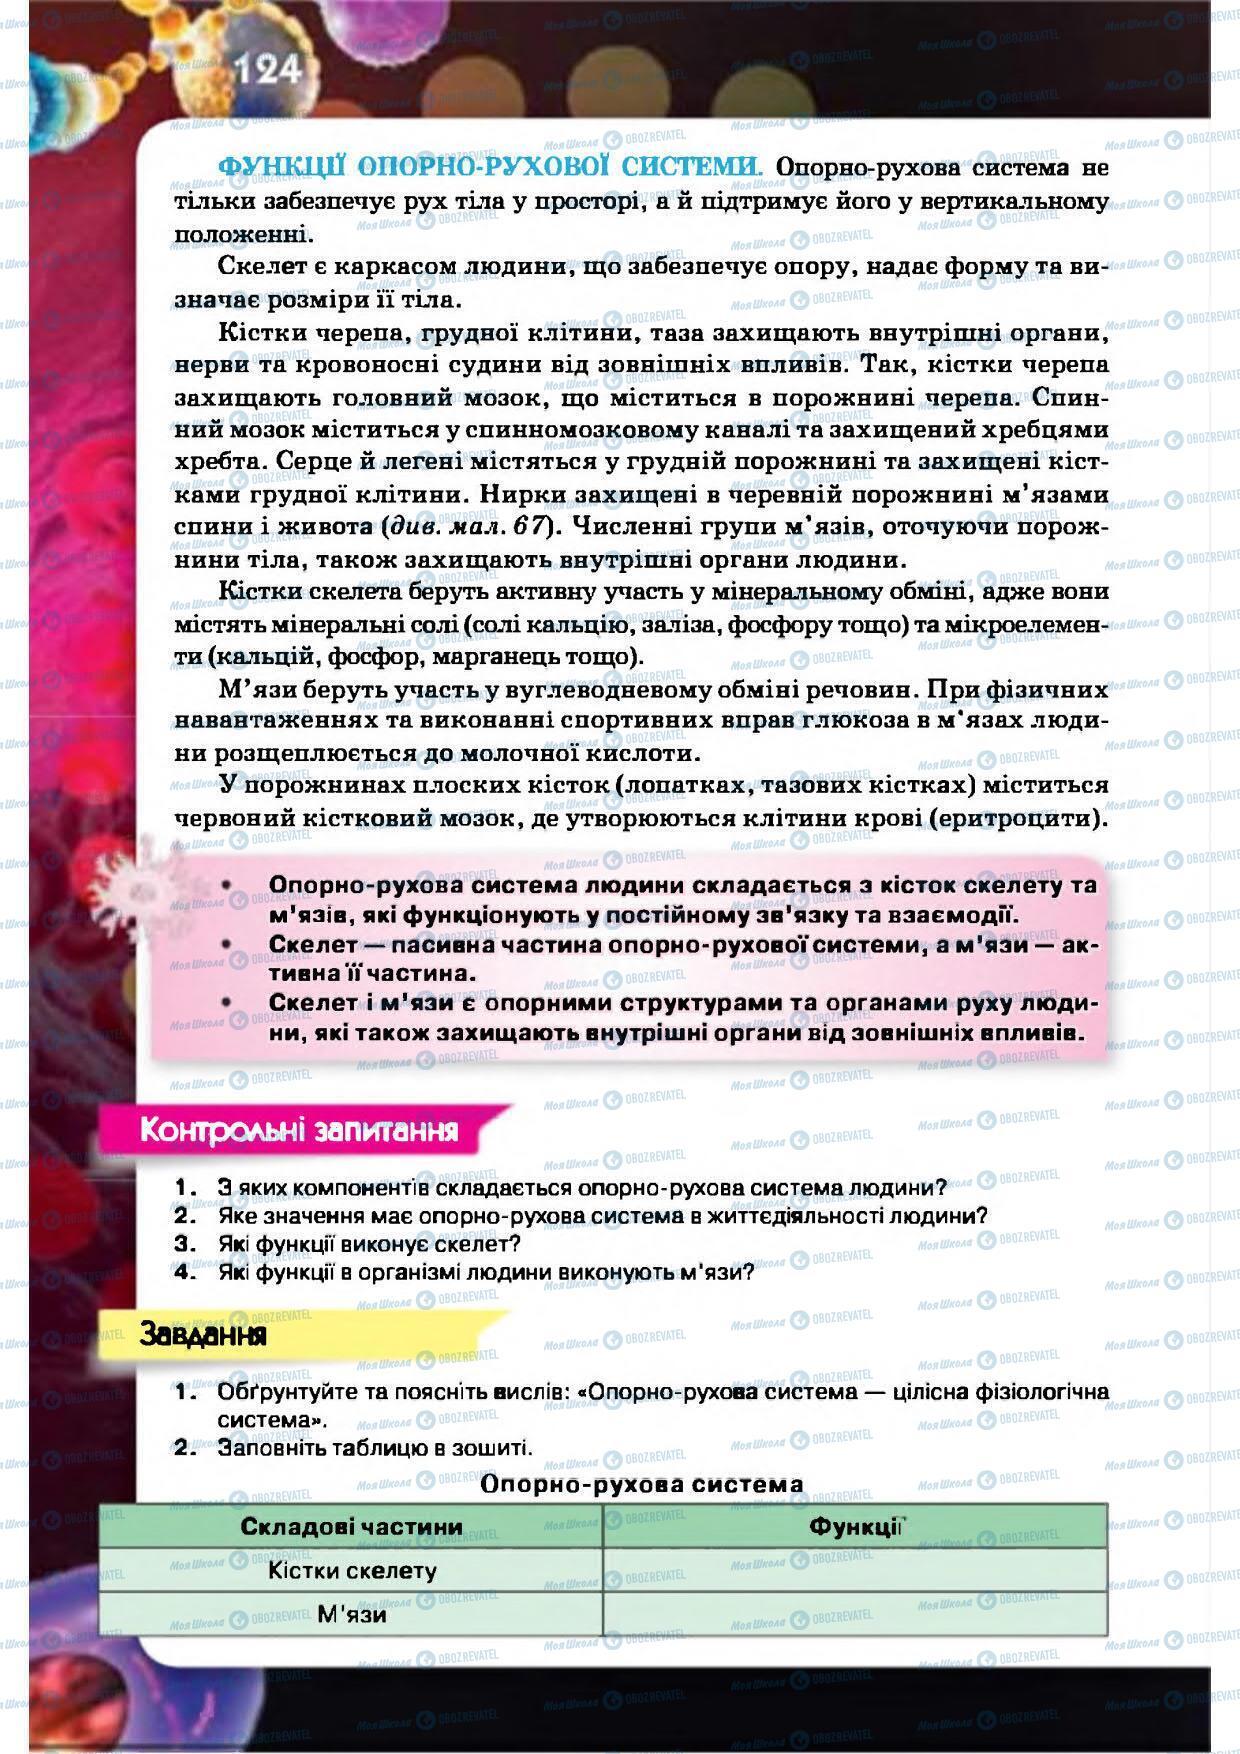 Підручники Біологія 8 клас сторінка 124